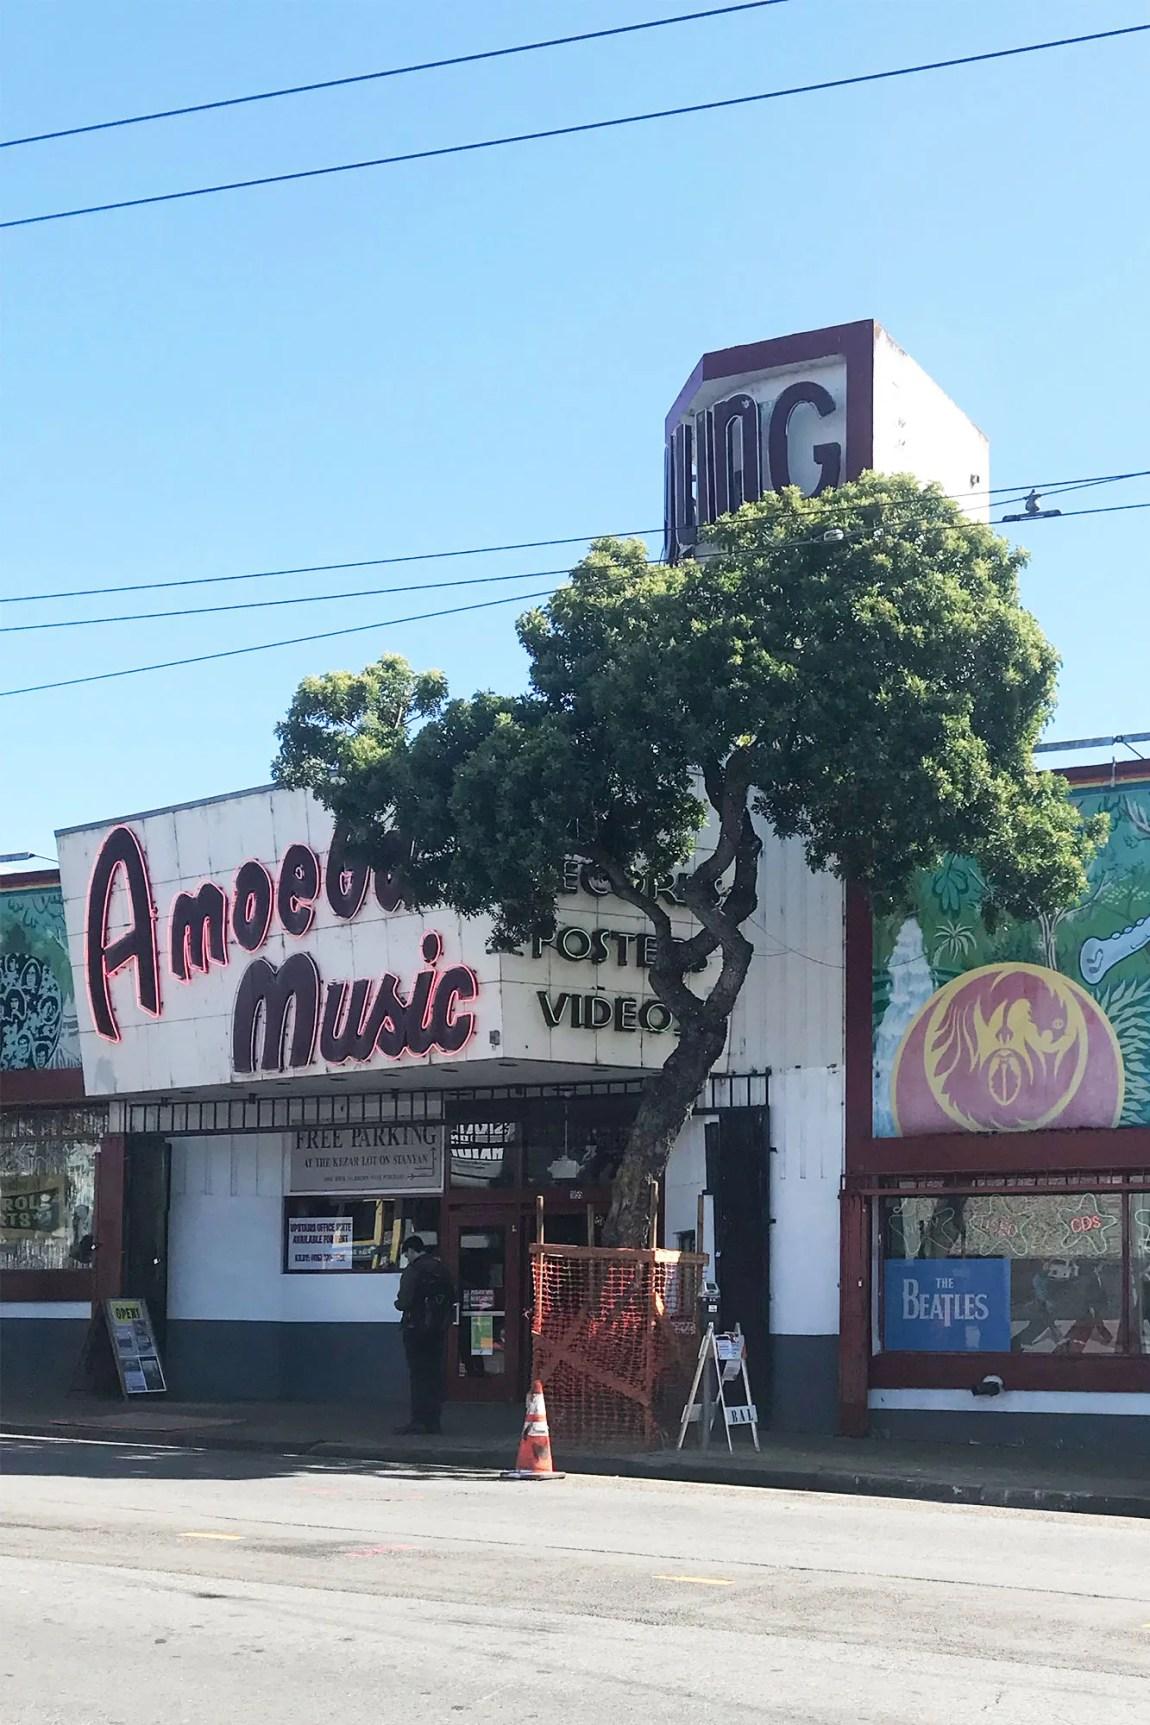 Amoeba Music in the Haight-Ashbury